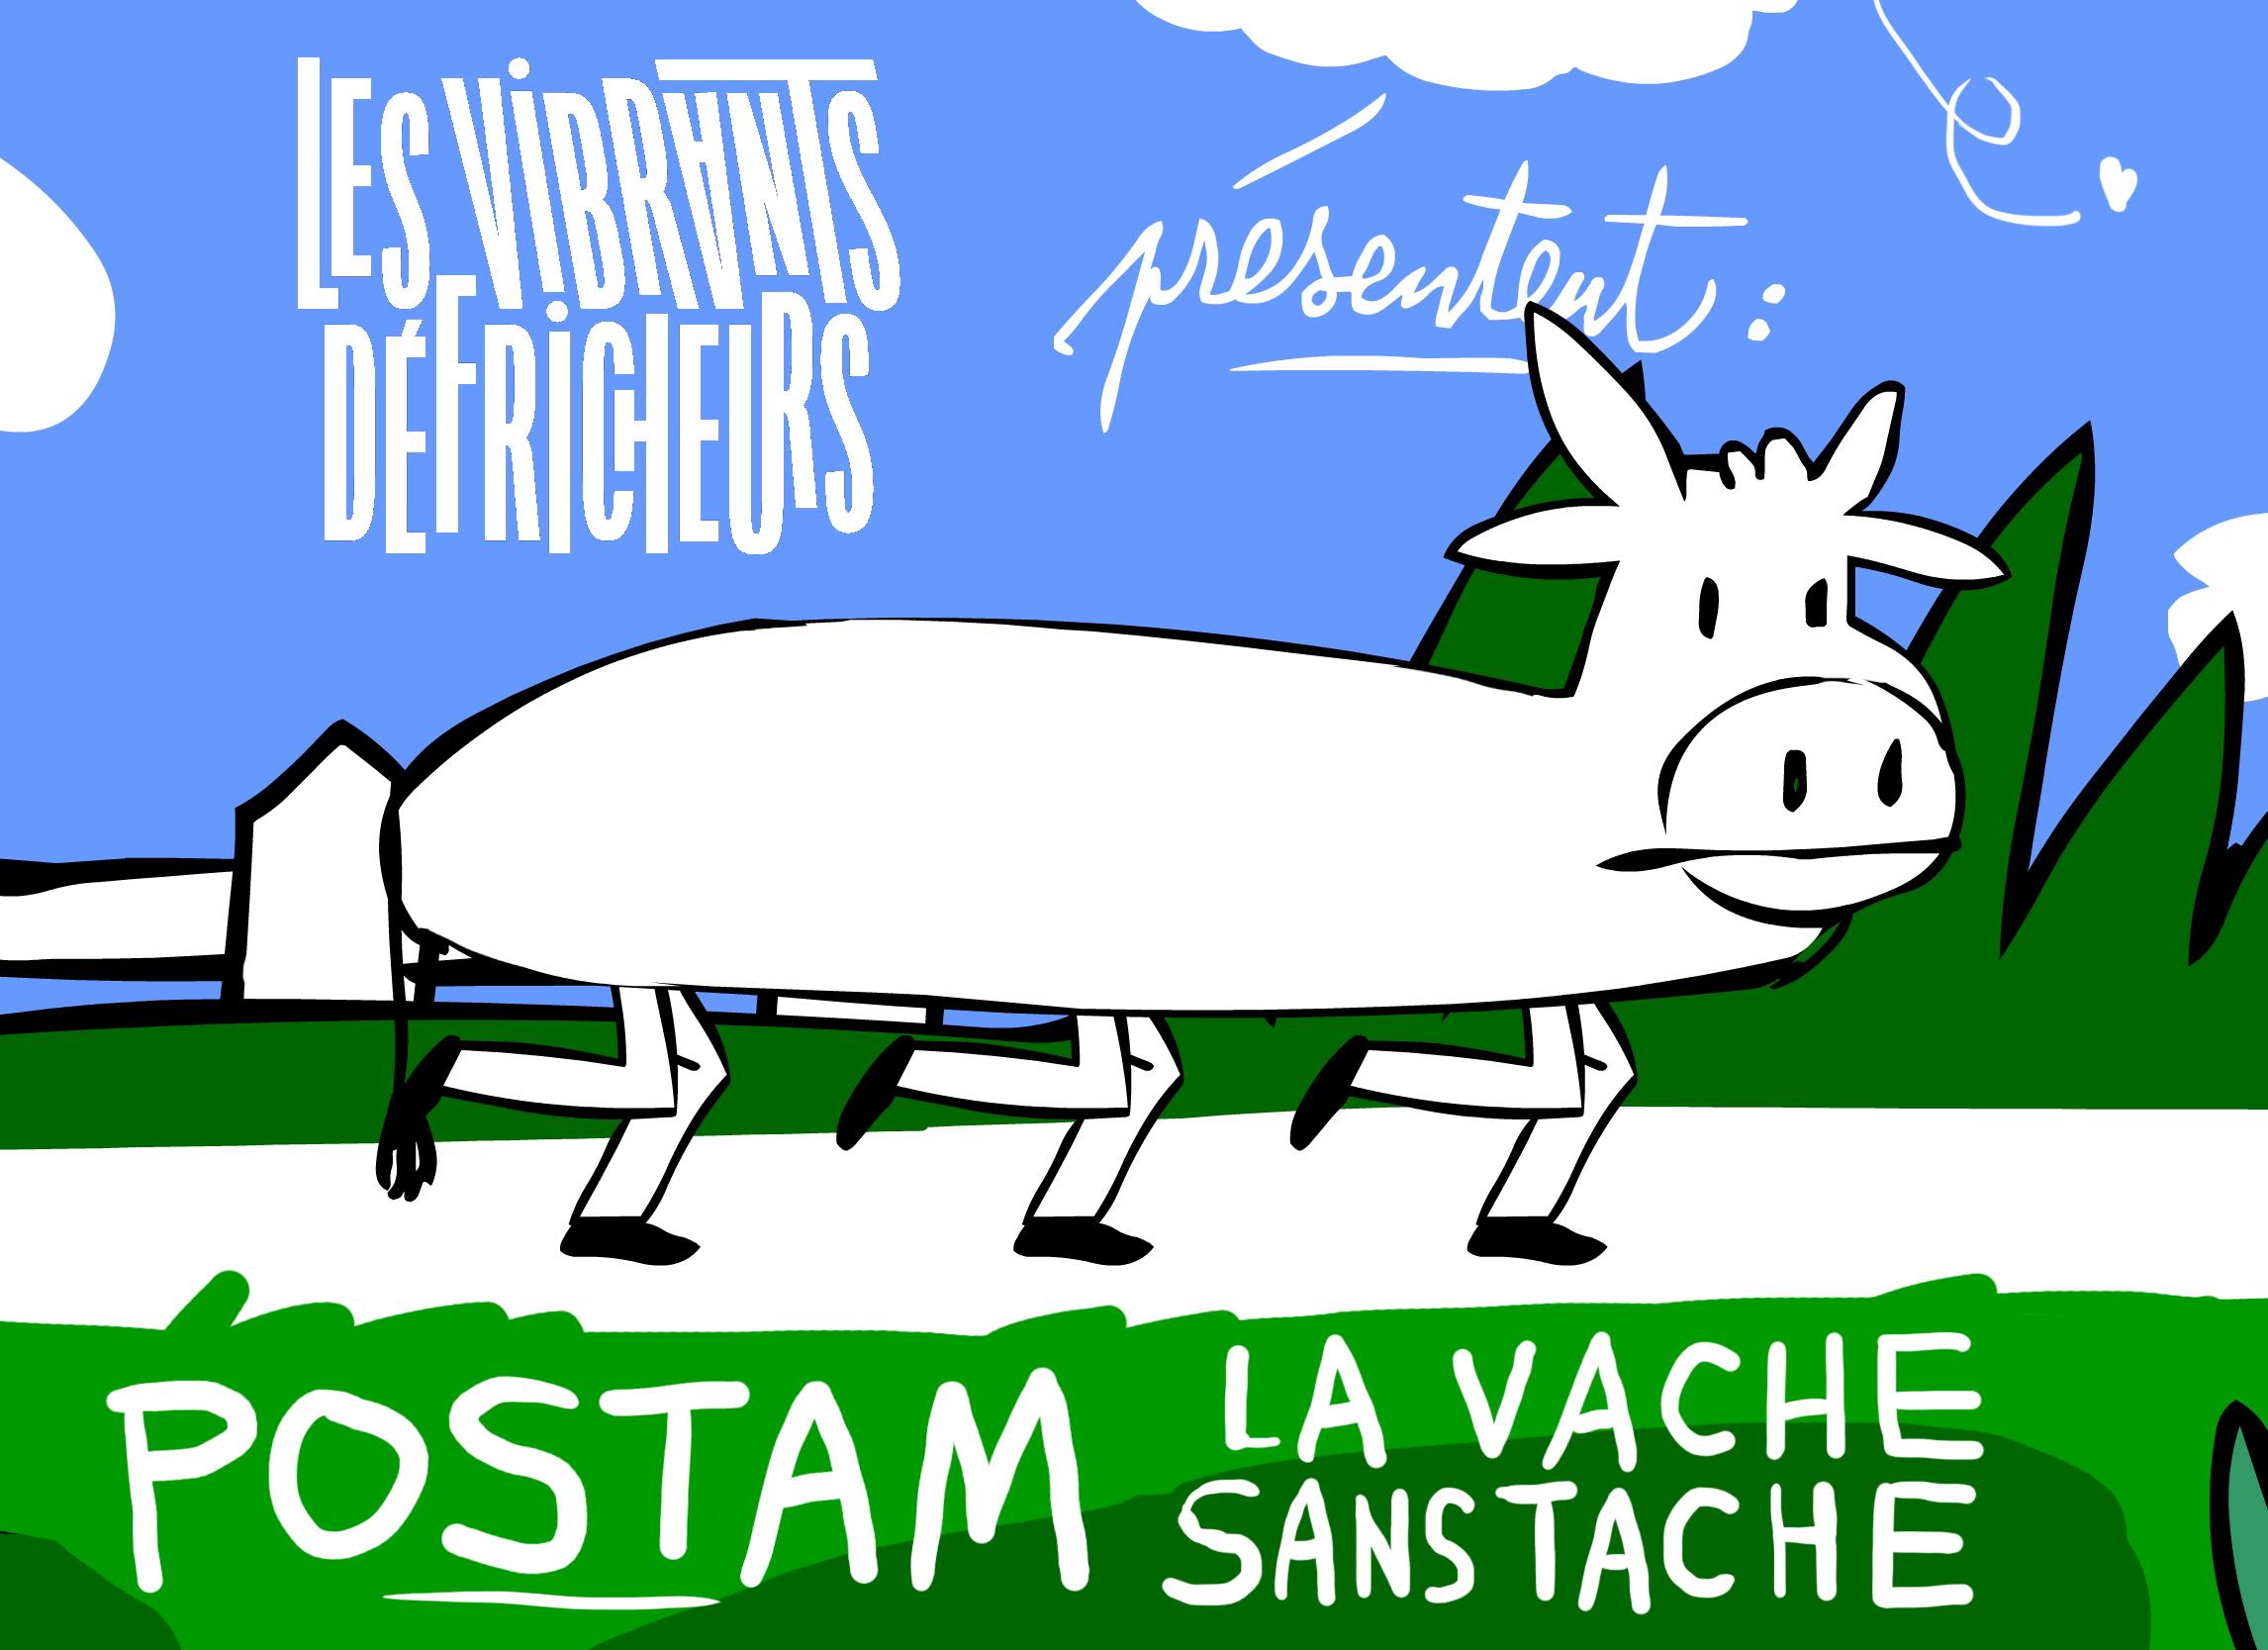 Postam la vache sans tache